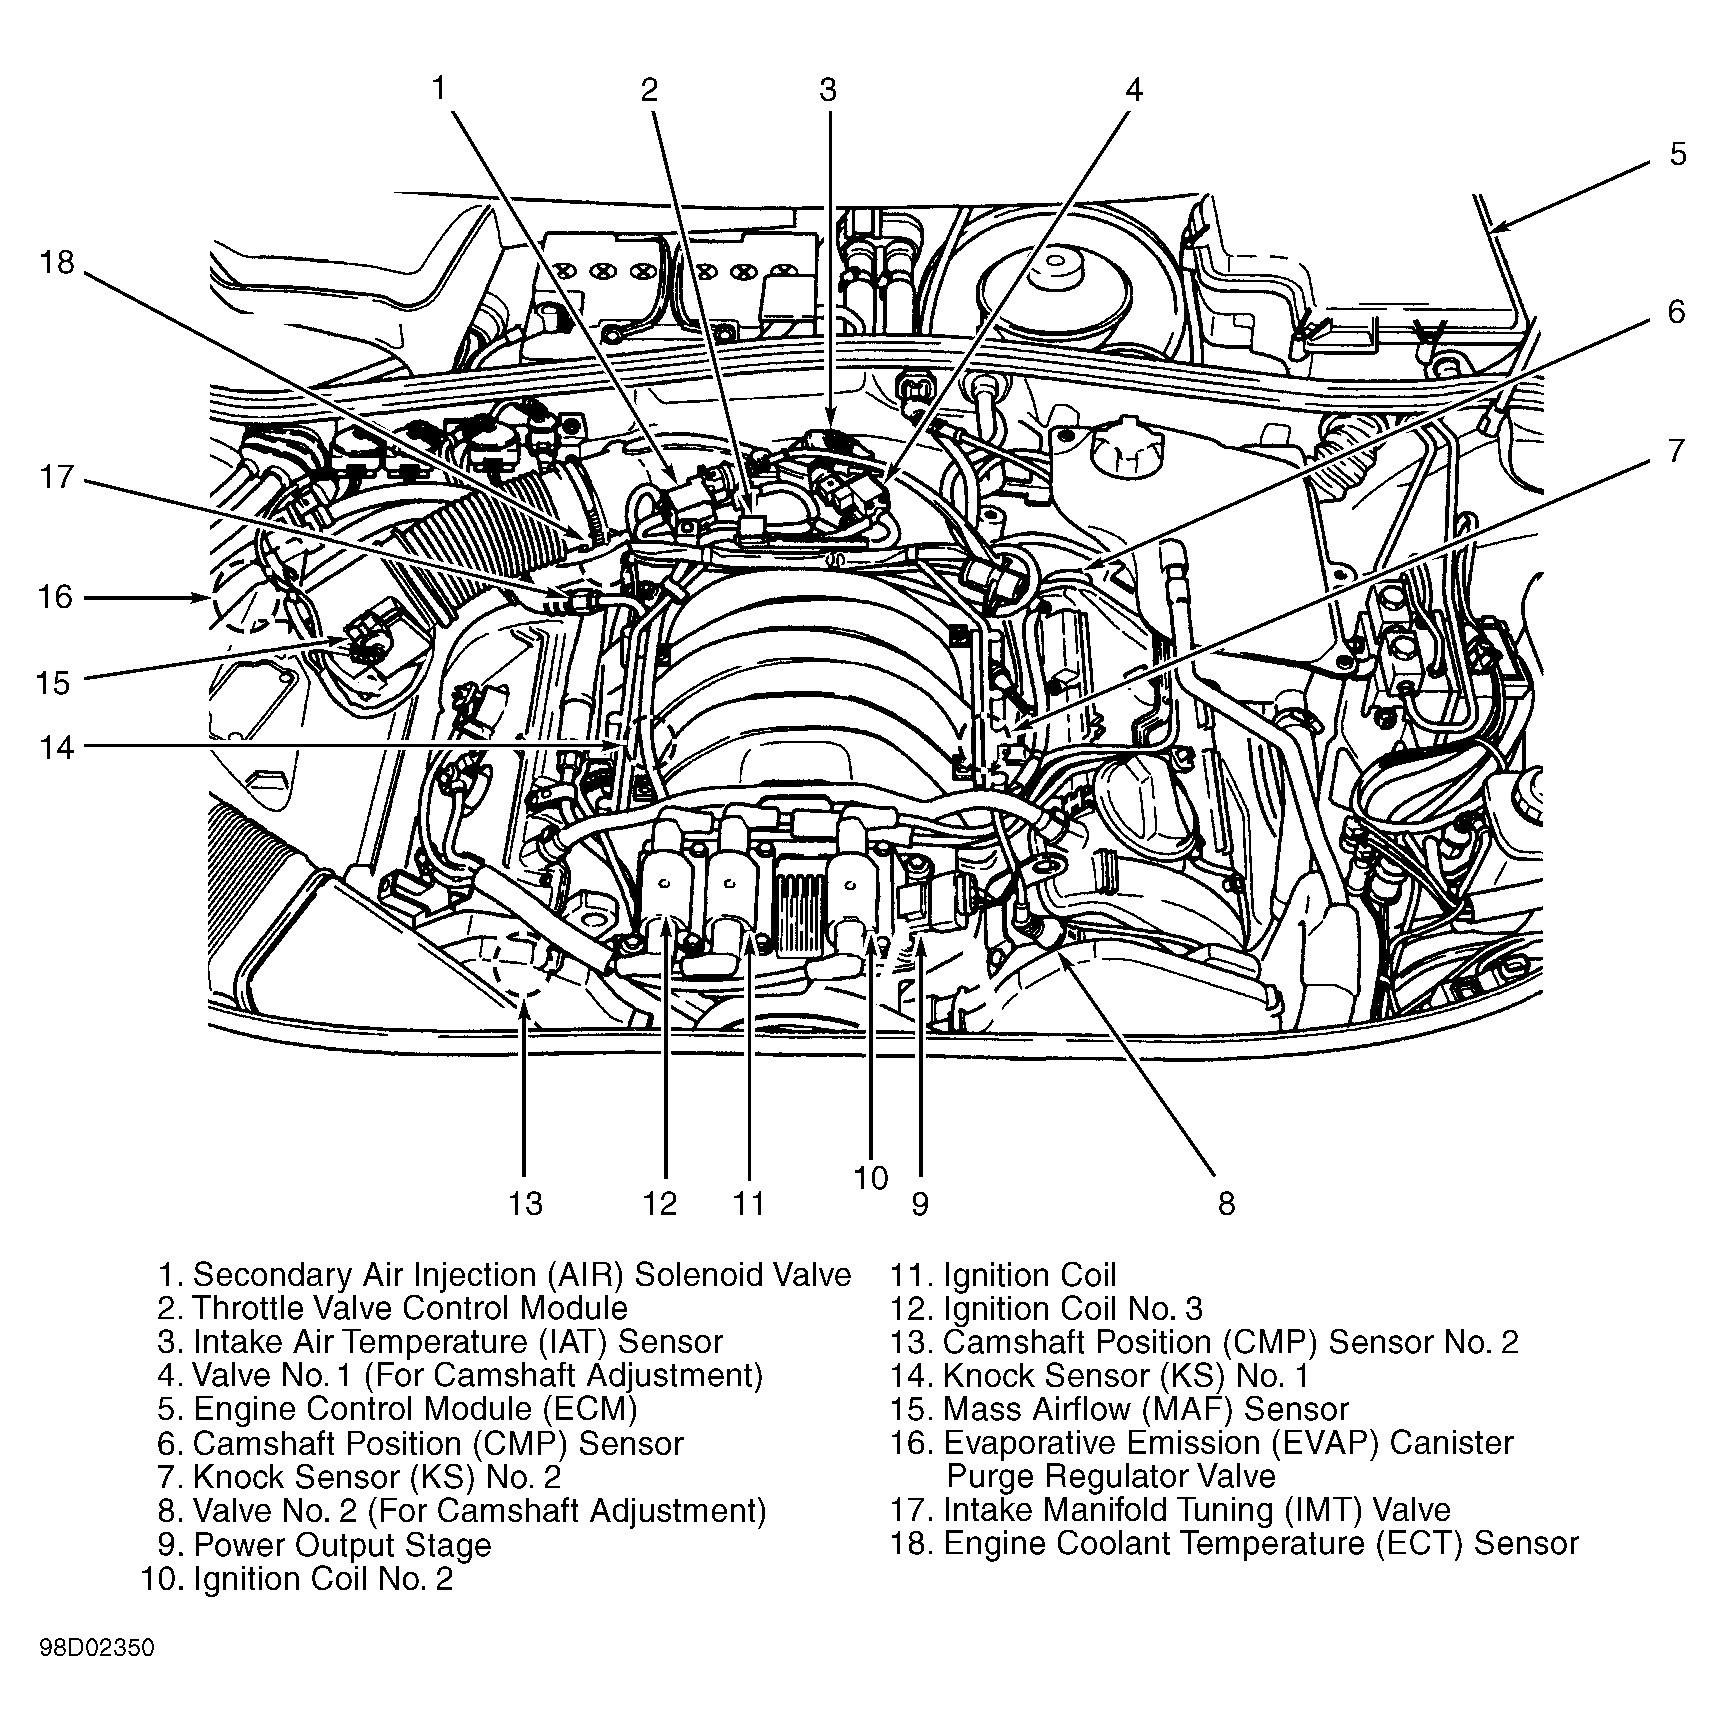 2001 Vw Passat 1 8 T Engine Diagram 2 7t Engine Diagram Of 2001 Vw Passat 1 8 T Engine Diagram